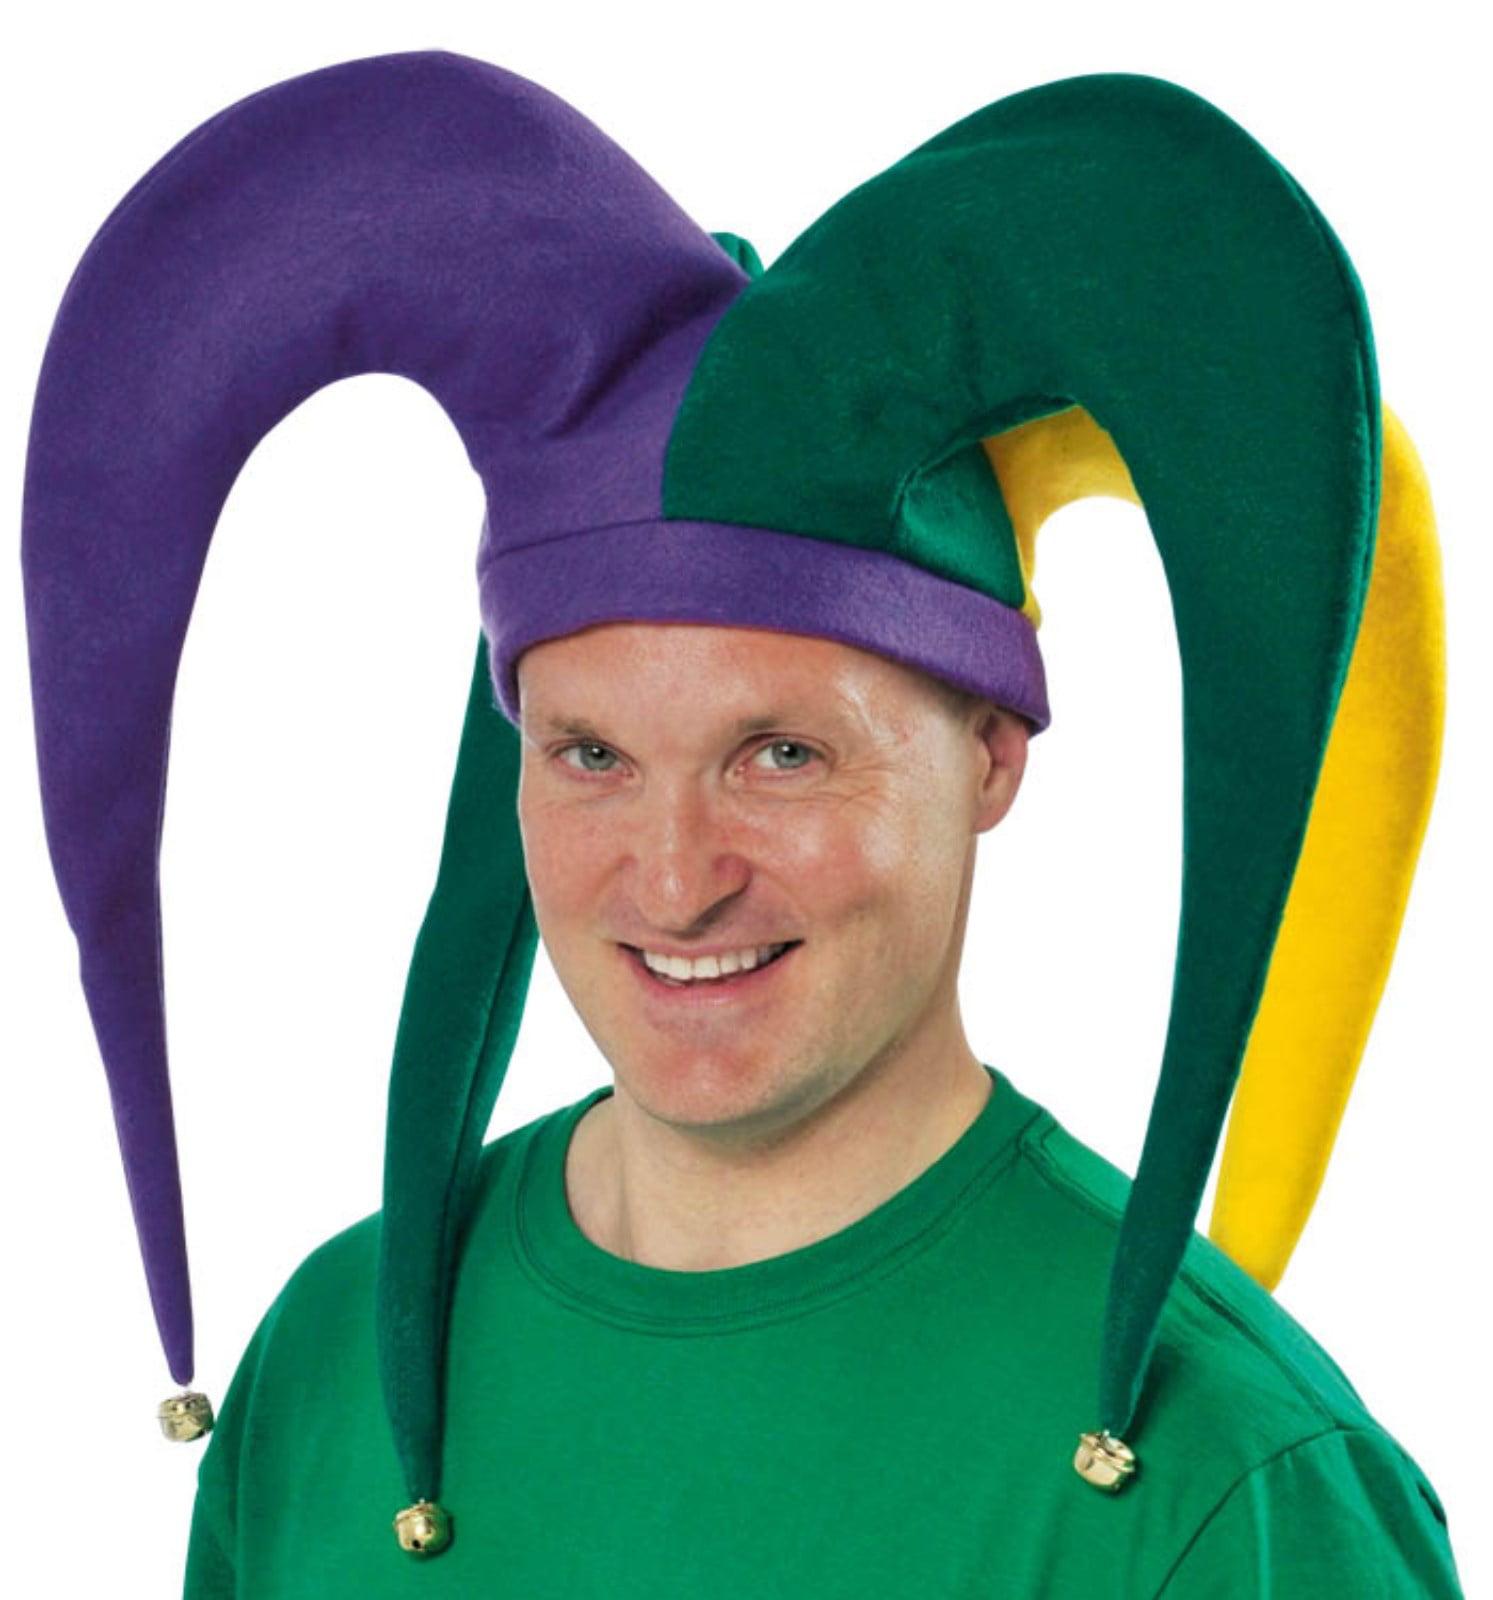 Giant Jester Mardi Gras Hat